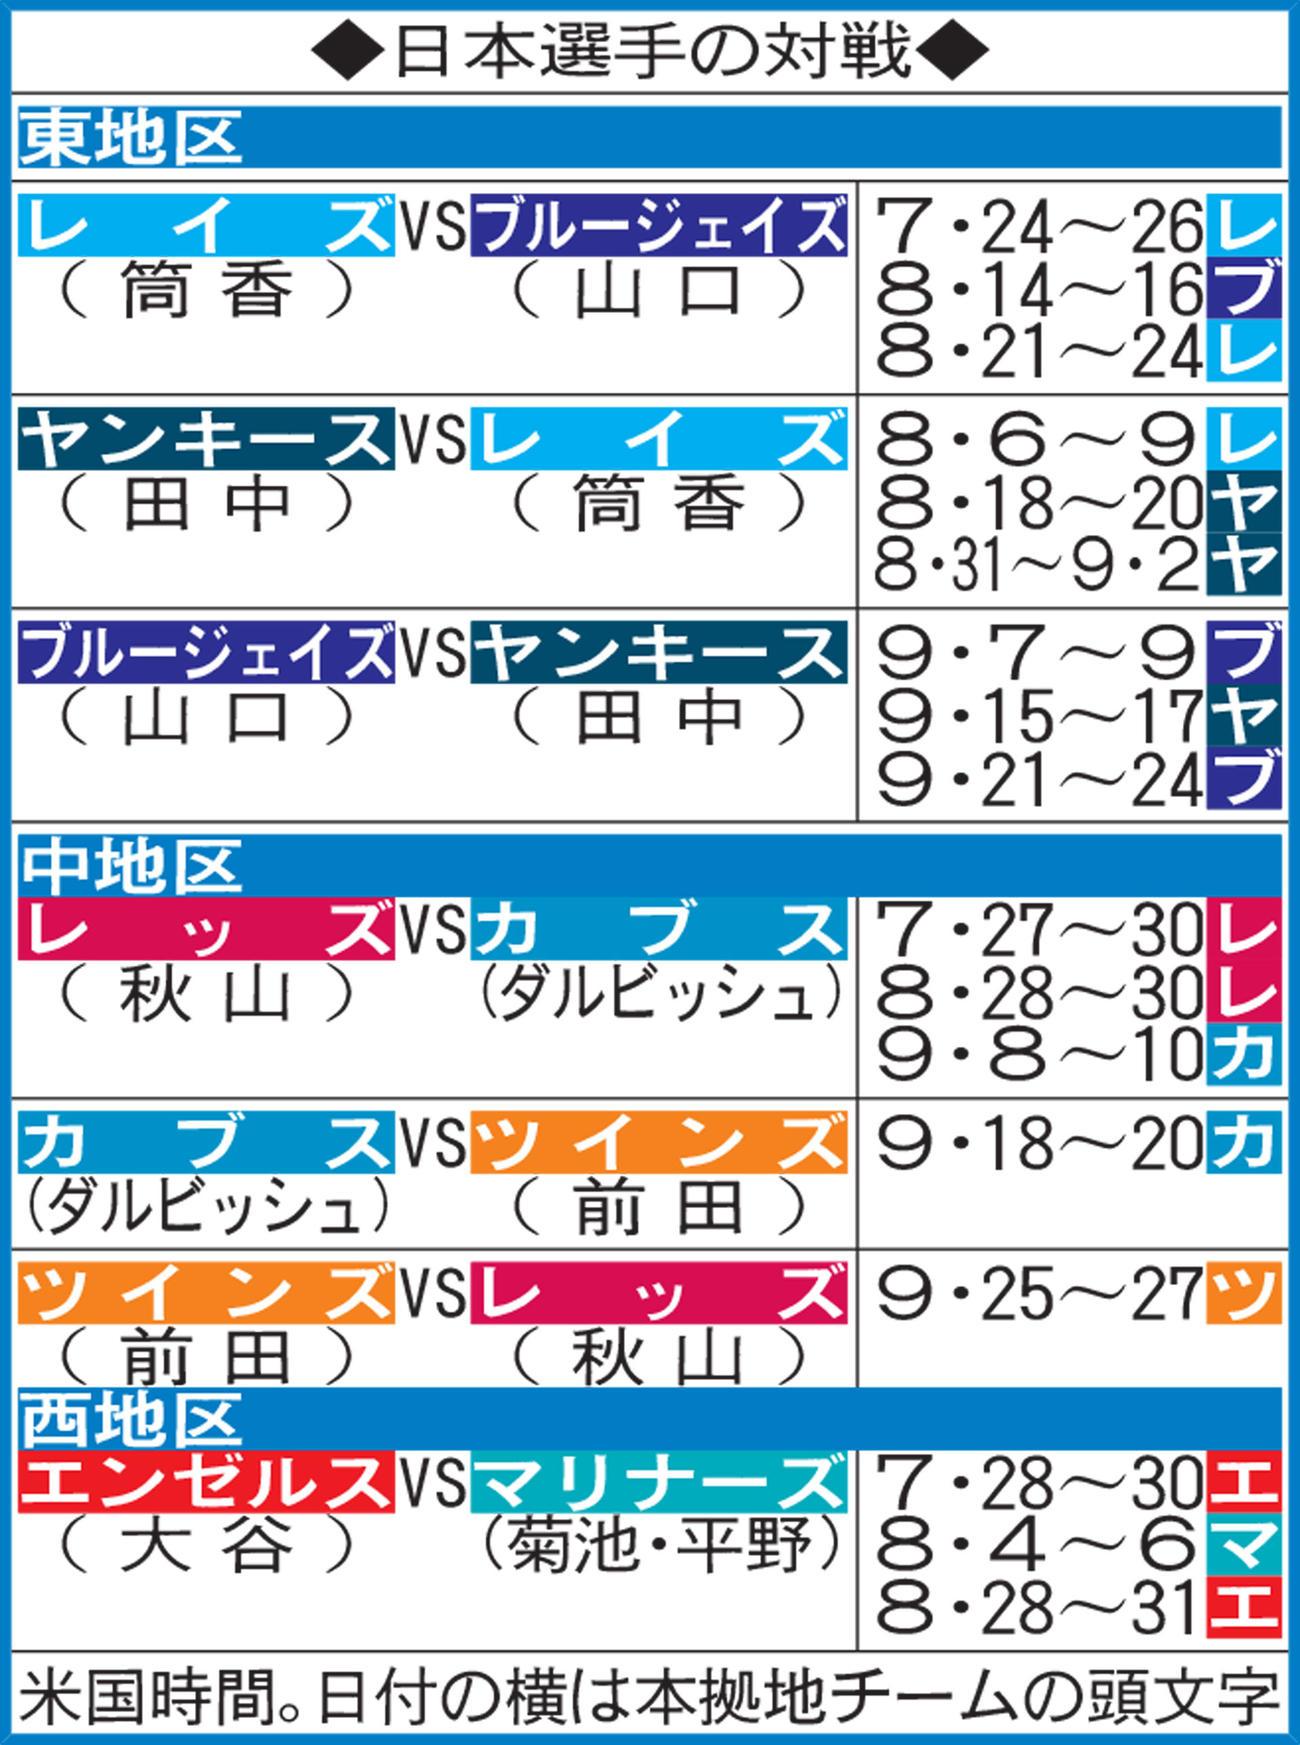 日本選手の対戦